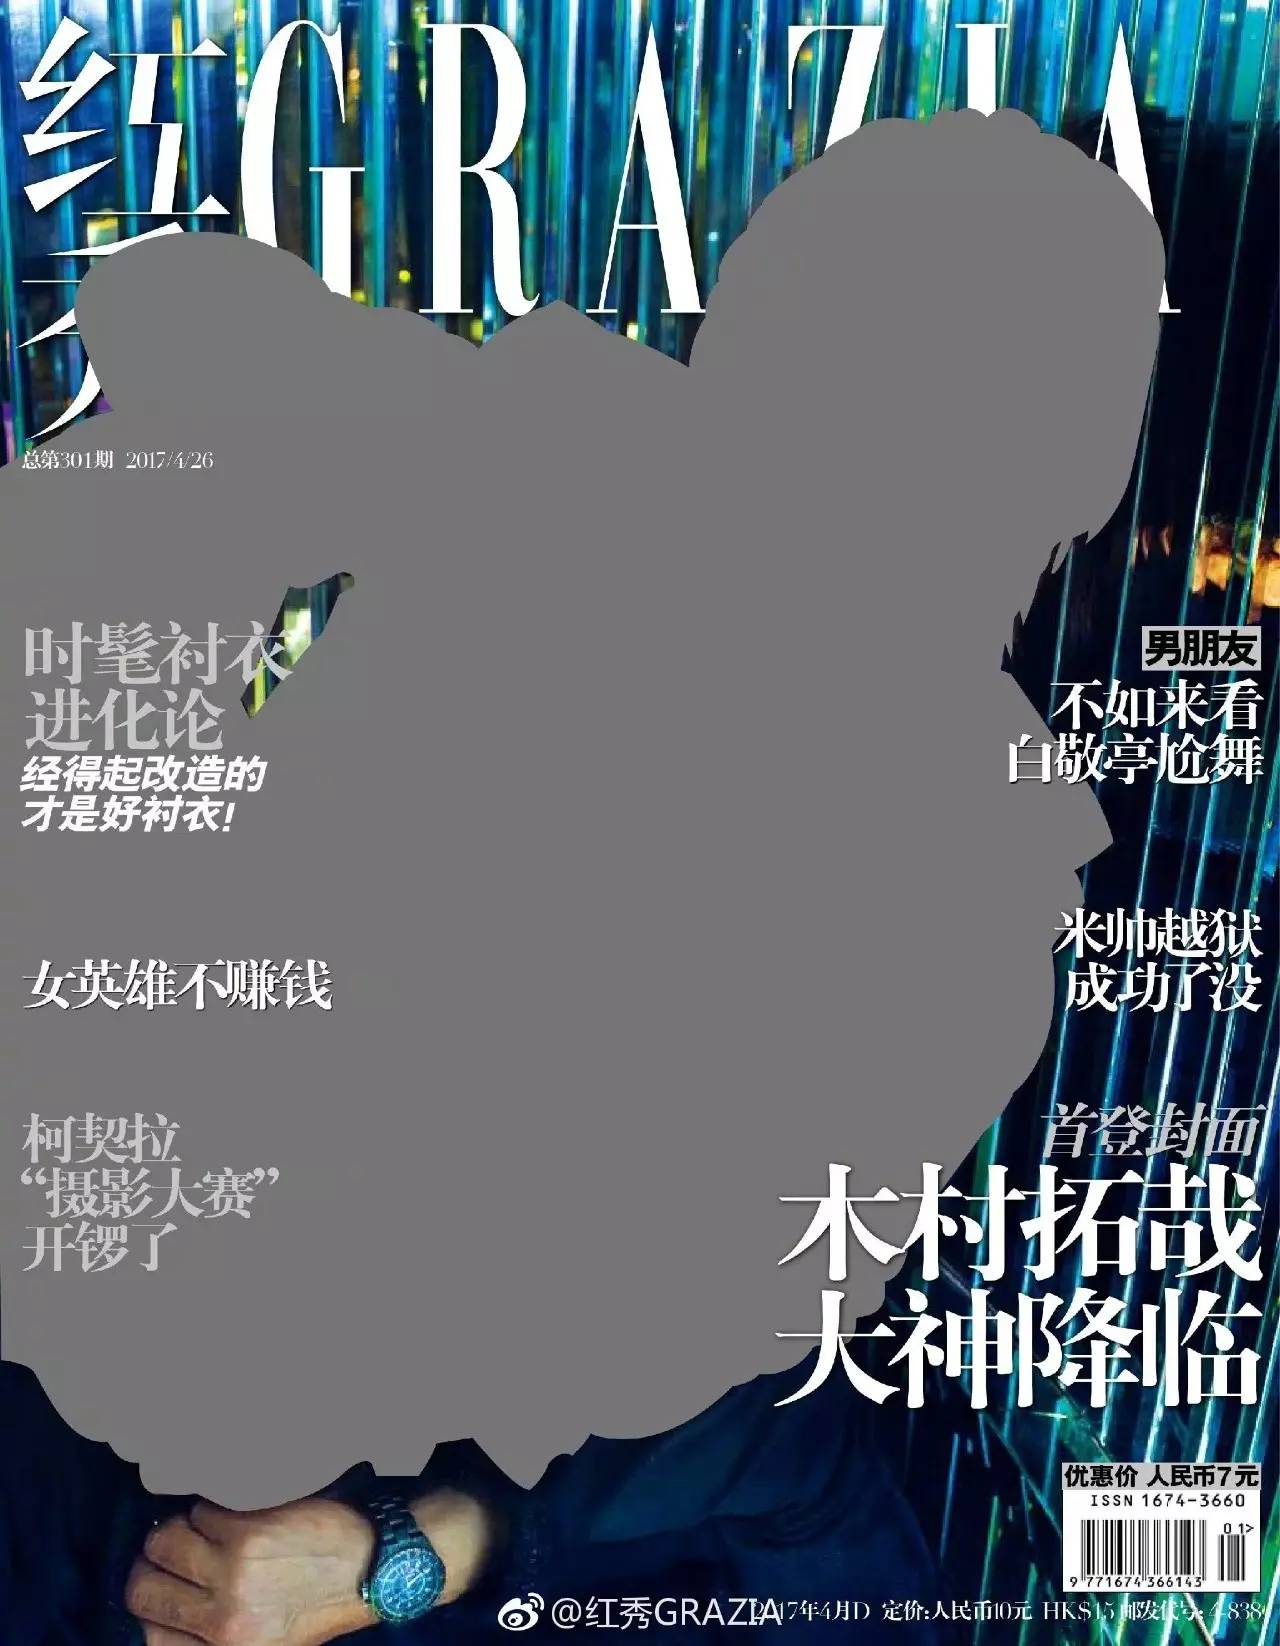 木村拓哉第一次表态国际时髦封面,脸和身子都新奇消逝......